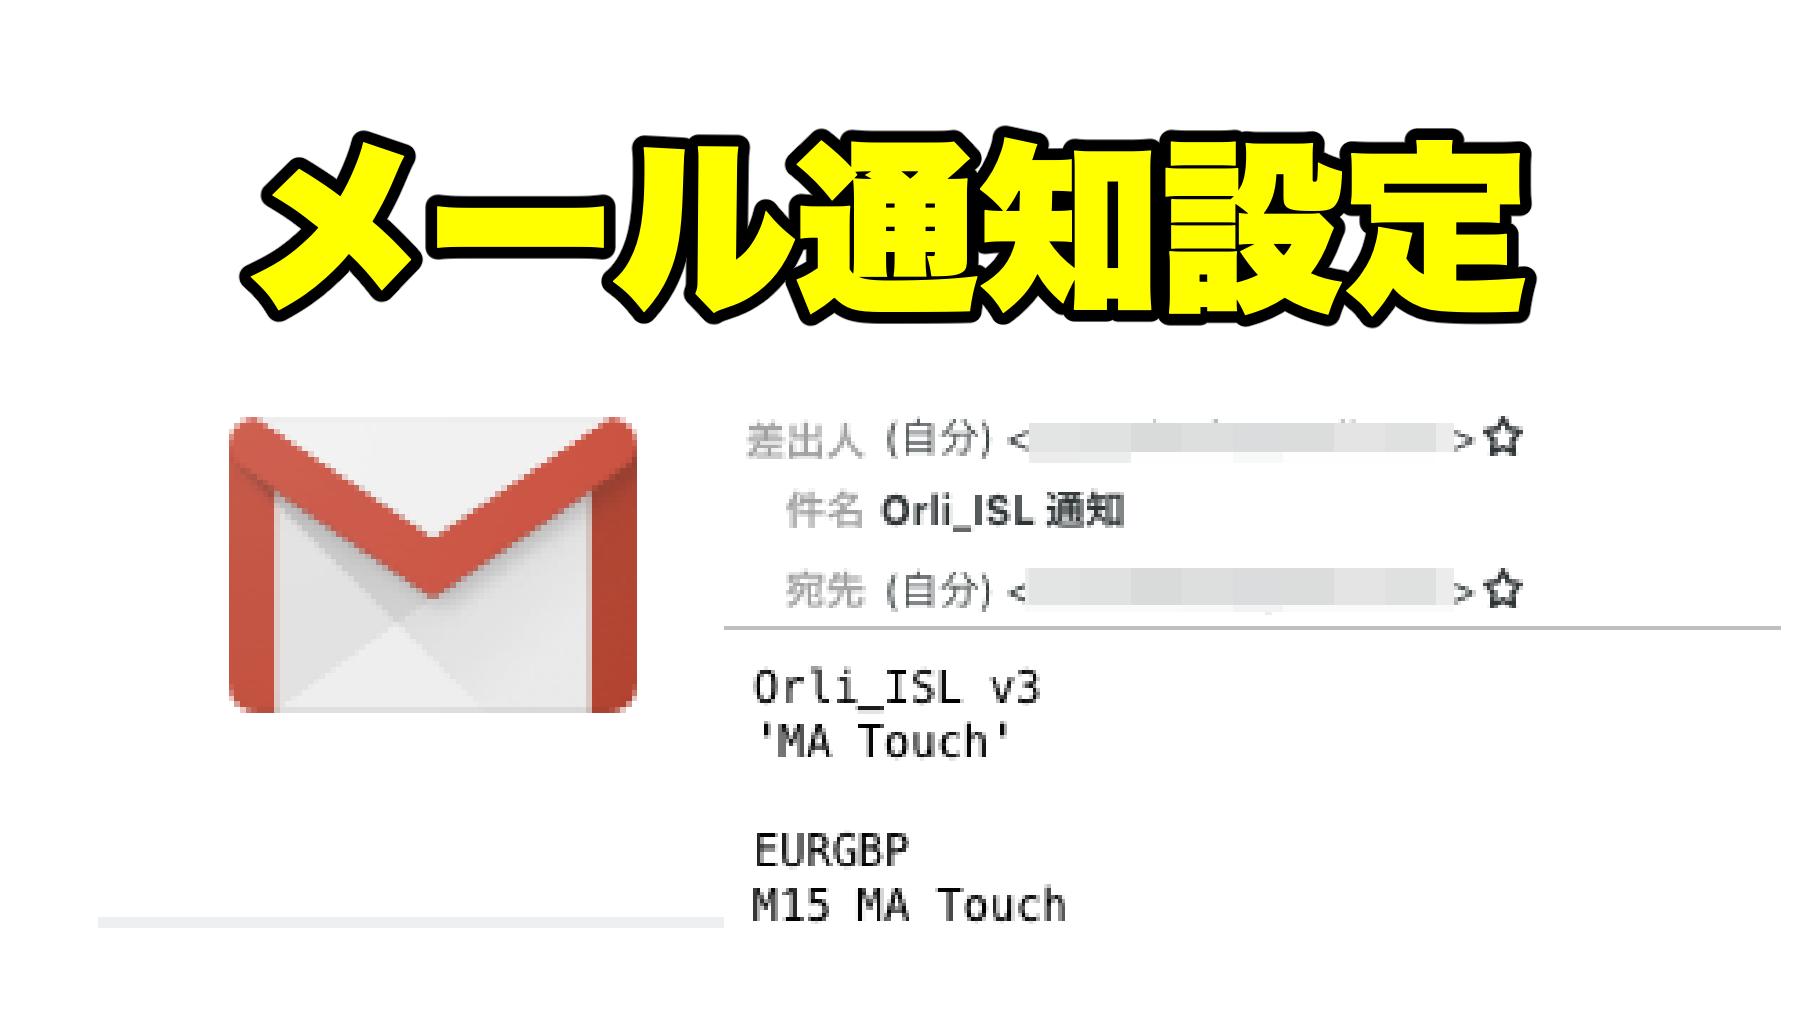 【オリスキャ】【オーリーアイランド3】簡単メール通知設定!